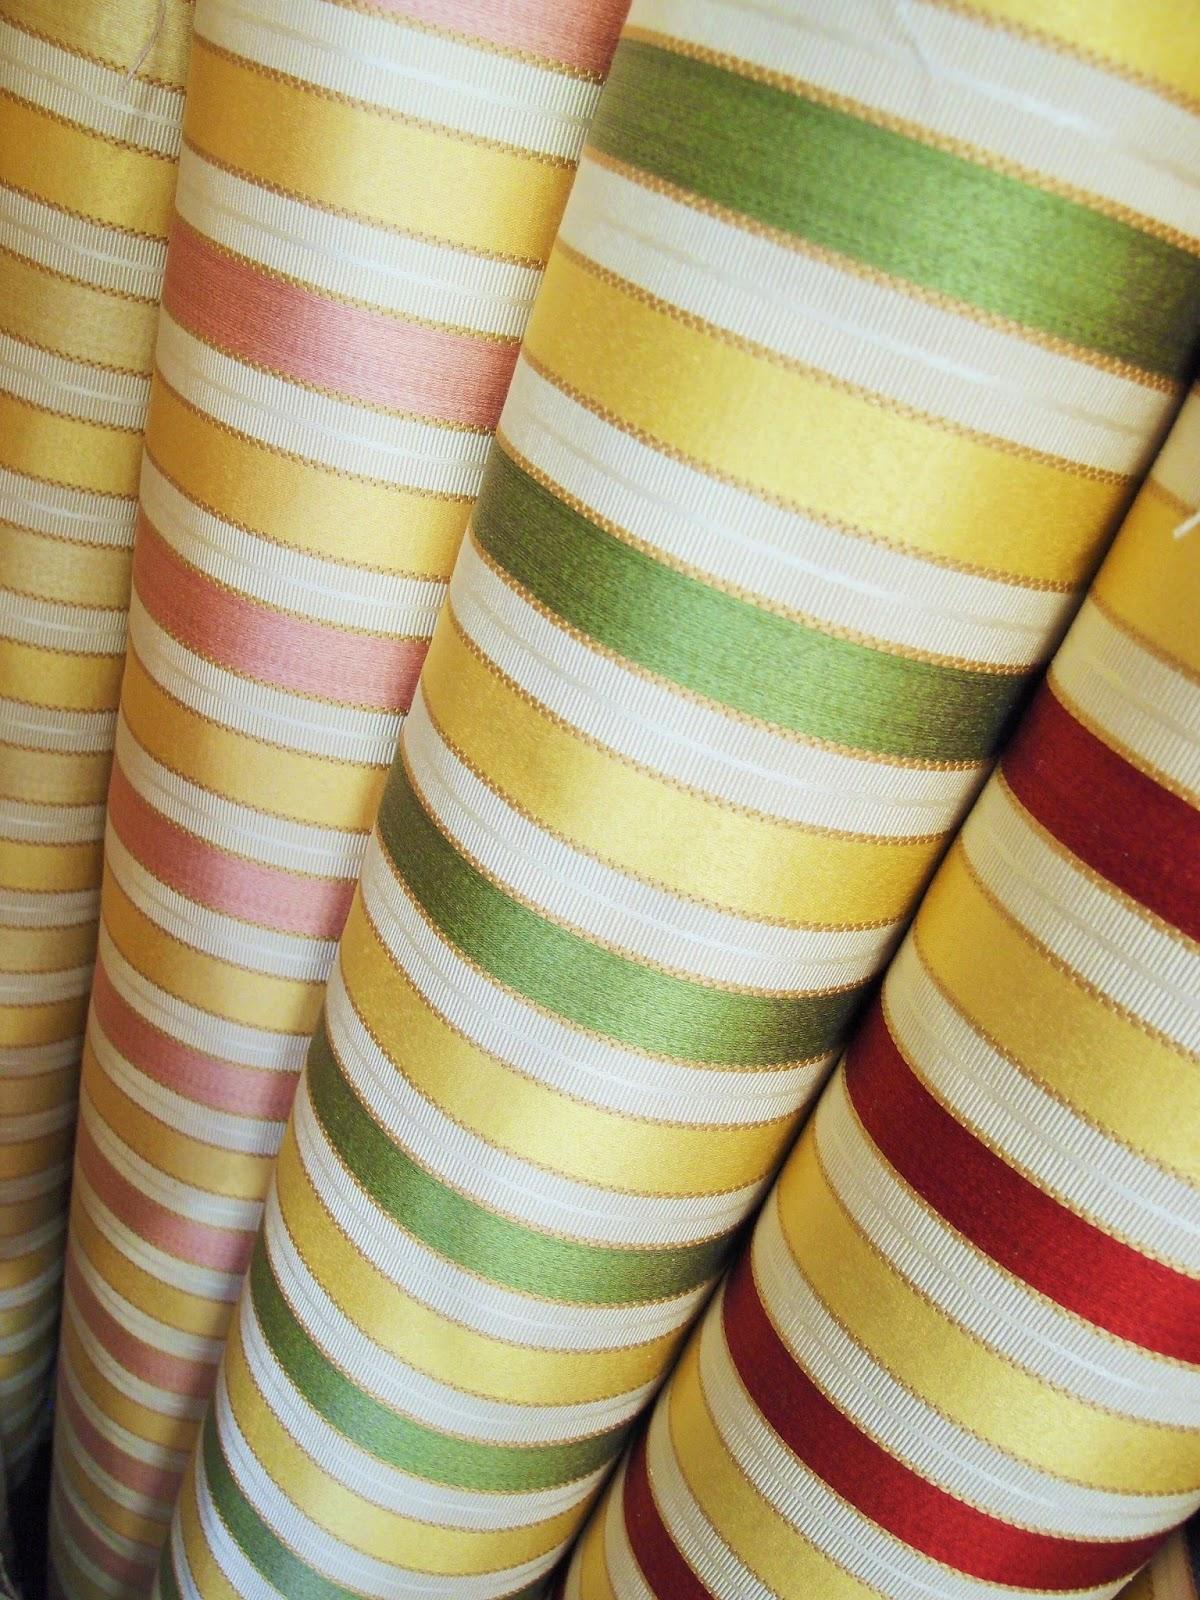 I classici... tessuti per tappezzare mobili antichi ...